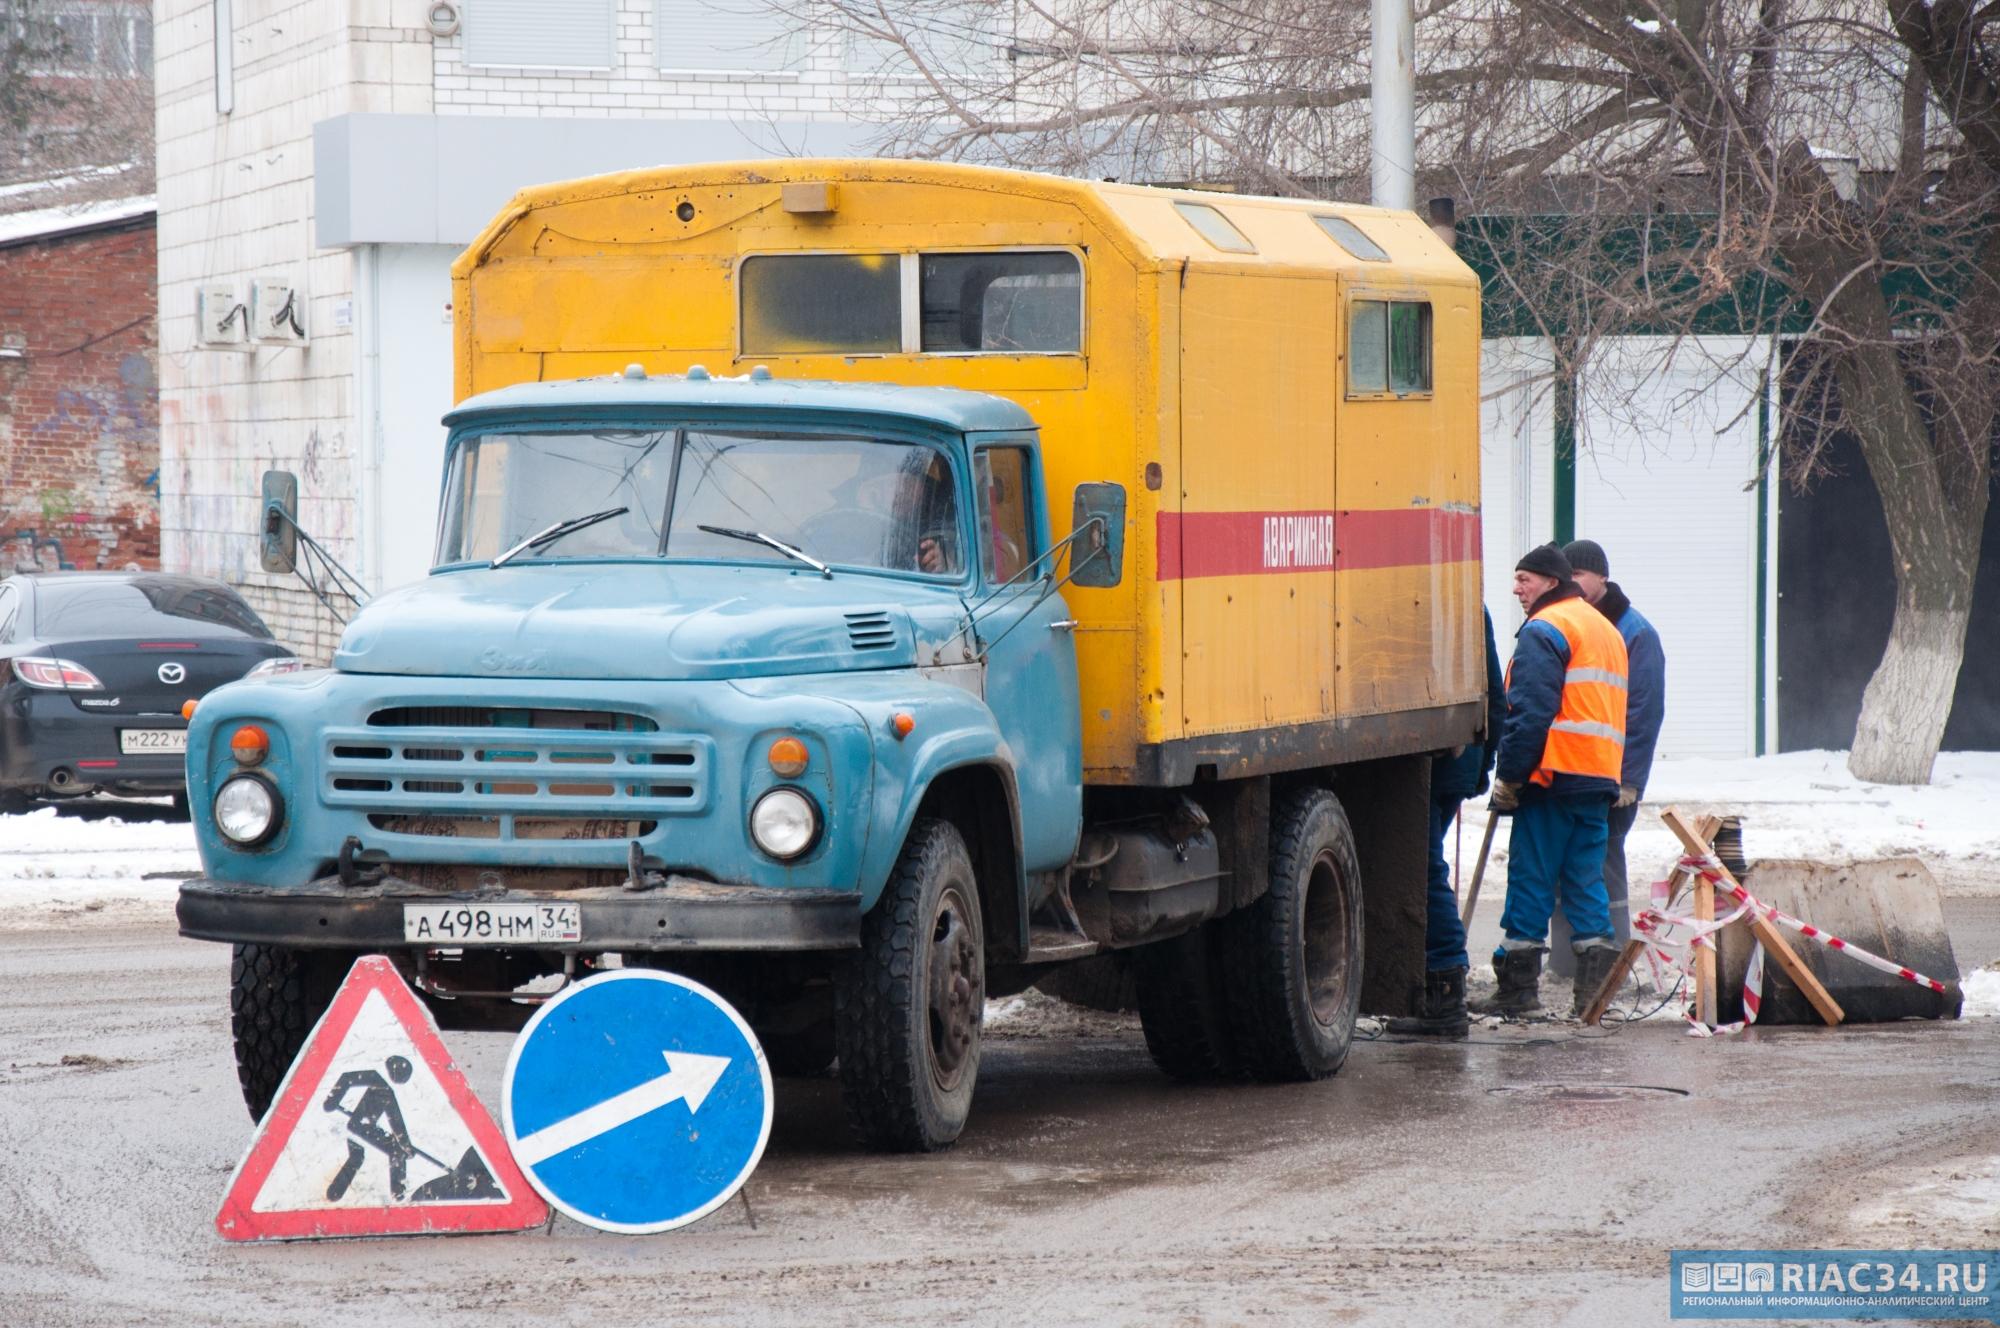 ВКировском районе Волгограда на 4 дня остановится движение вдоль улицы Минина